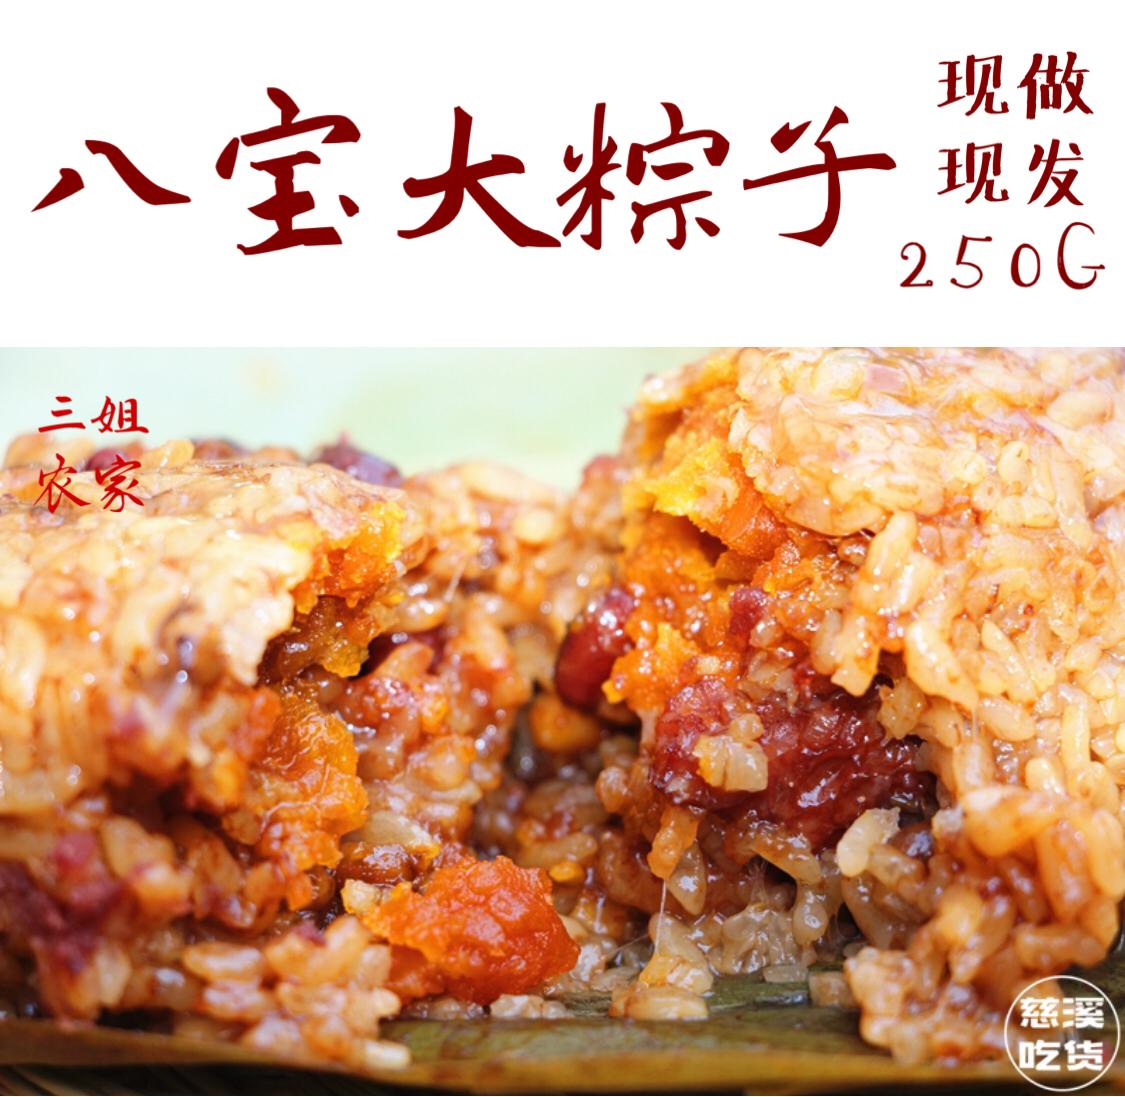 Babao meat zongzi farmhand dumplings Jiaxing specialty 250g bulk zongzi breakfast zongzi hand made super large dumplings